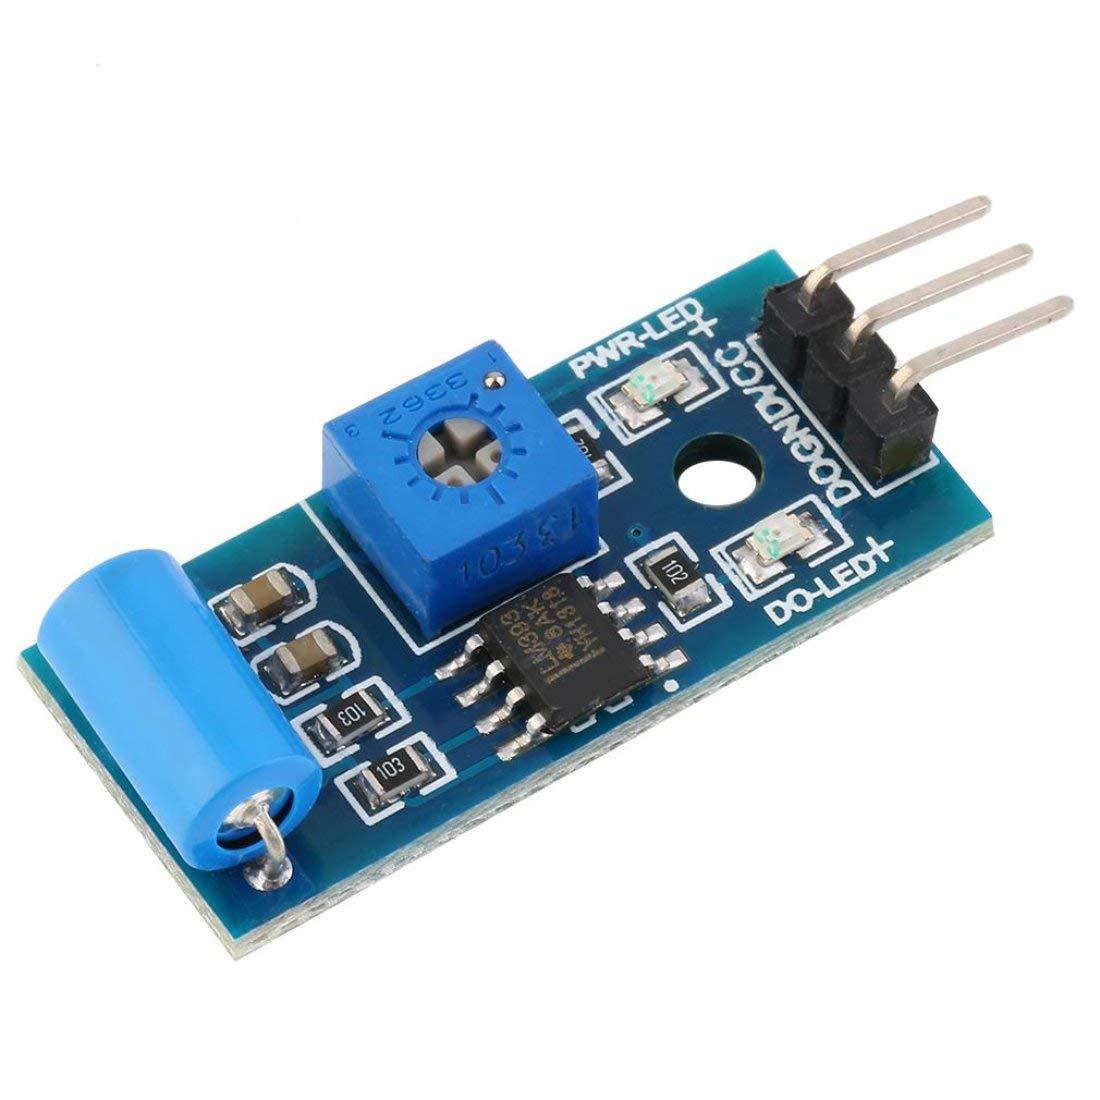 10pcs Normally Closed Type Vibration Sensor SW-420 3.3V-5V Vibration Sensor Alarm Module Motion Shake Shock for Arduino 3.3V-5V Formulaone